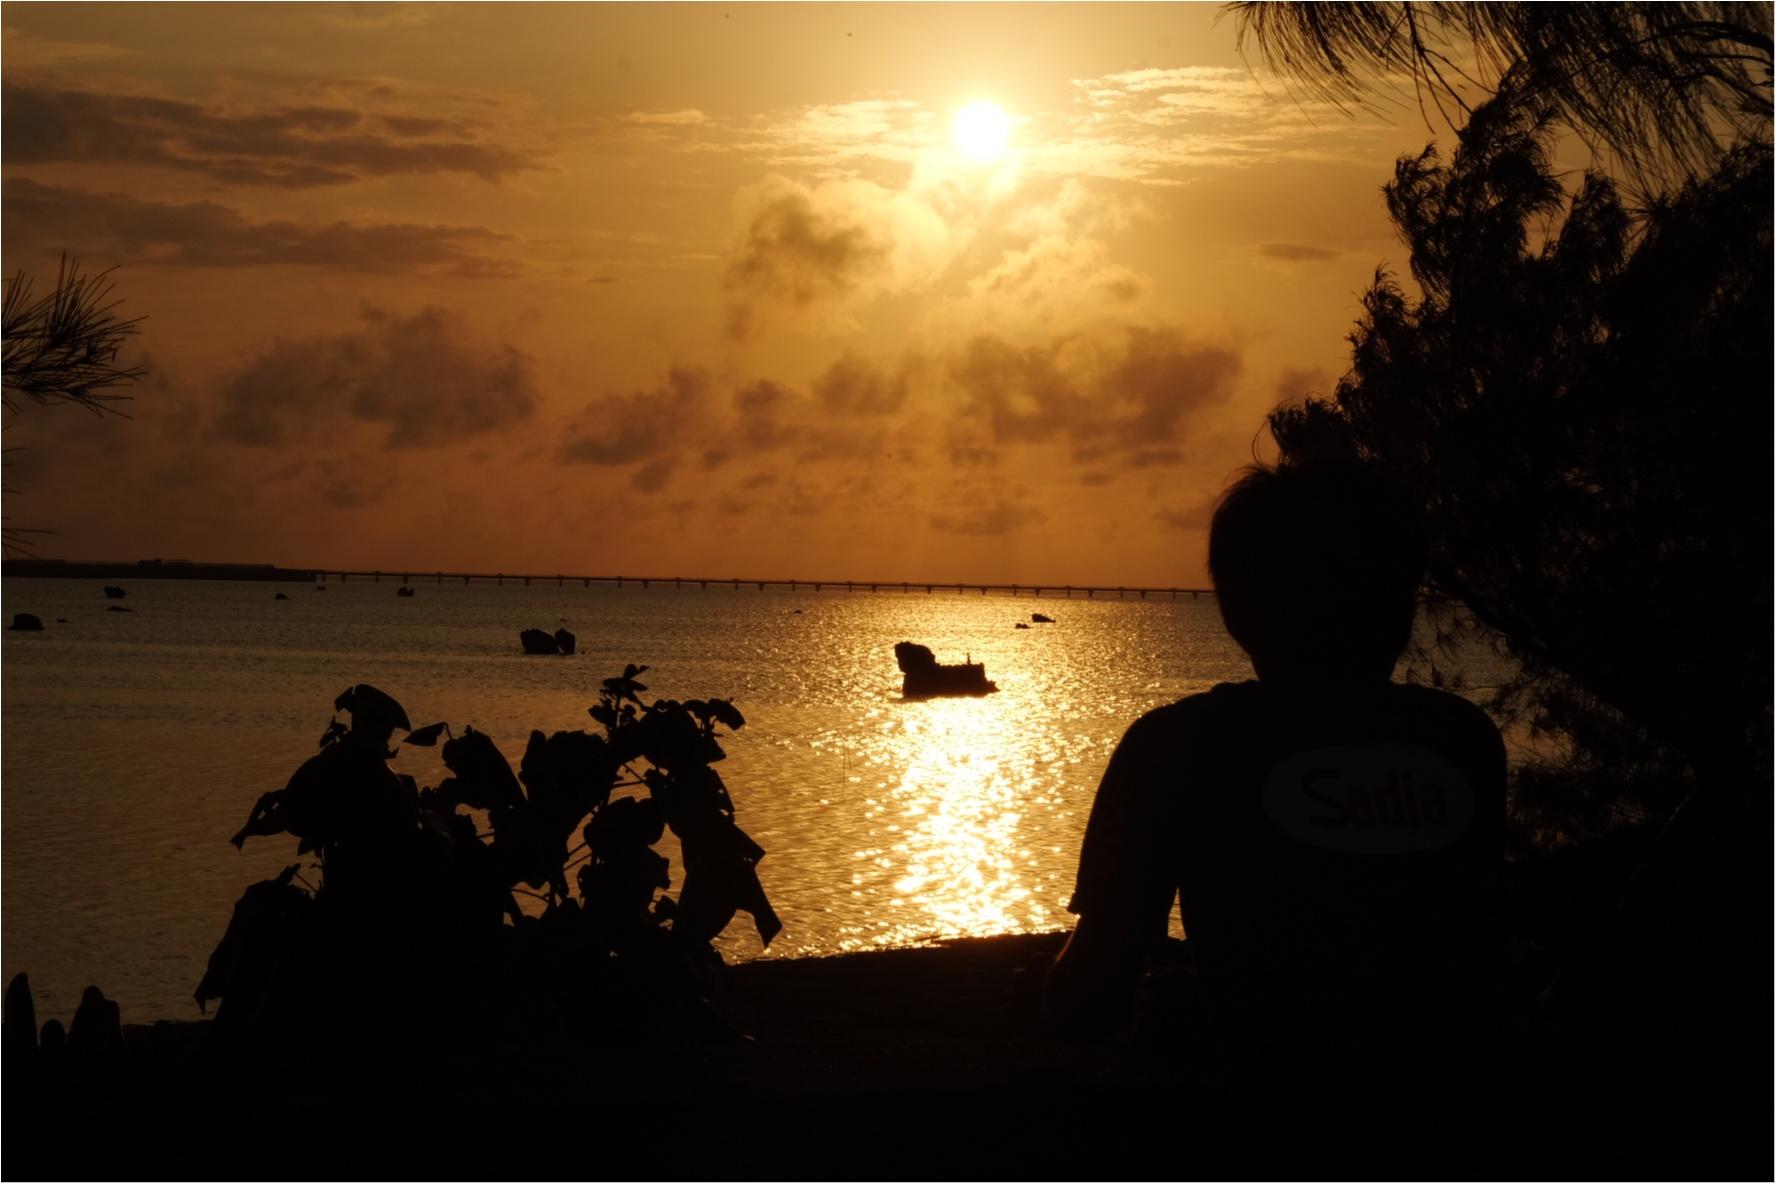 …ஐ 今年の夏まだドコに行くか迷ってる人は必見!自然が色濃く残る宮古島ことりっぷオススメ3選♡ ஐ¨_7